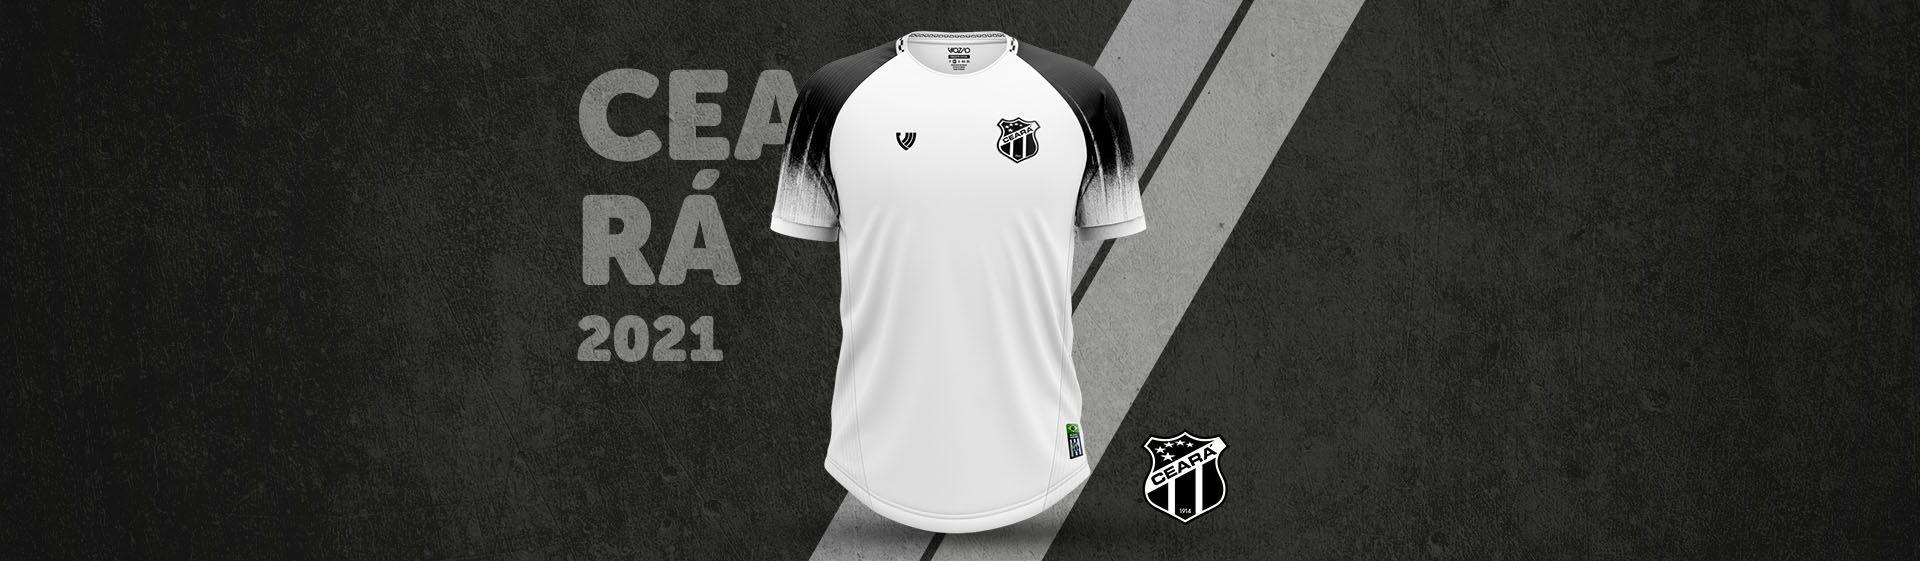 Camisa do Ceará: camisas do Ceará para comprar em 2021